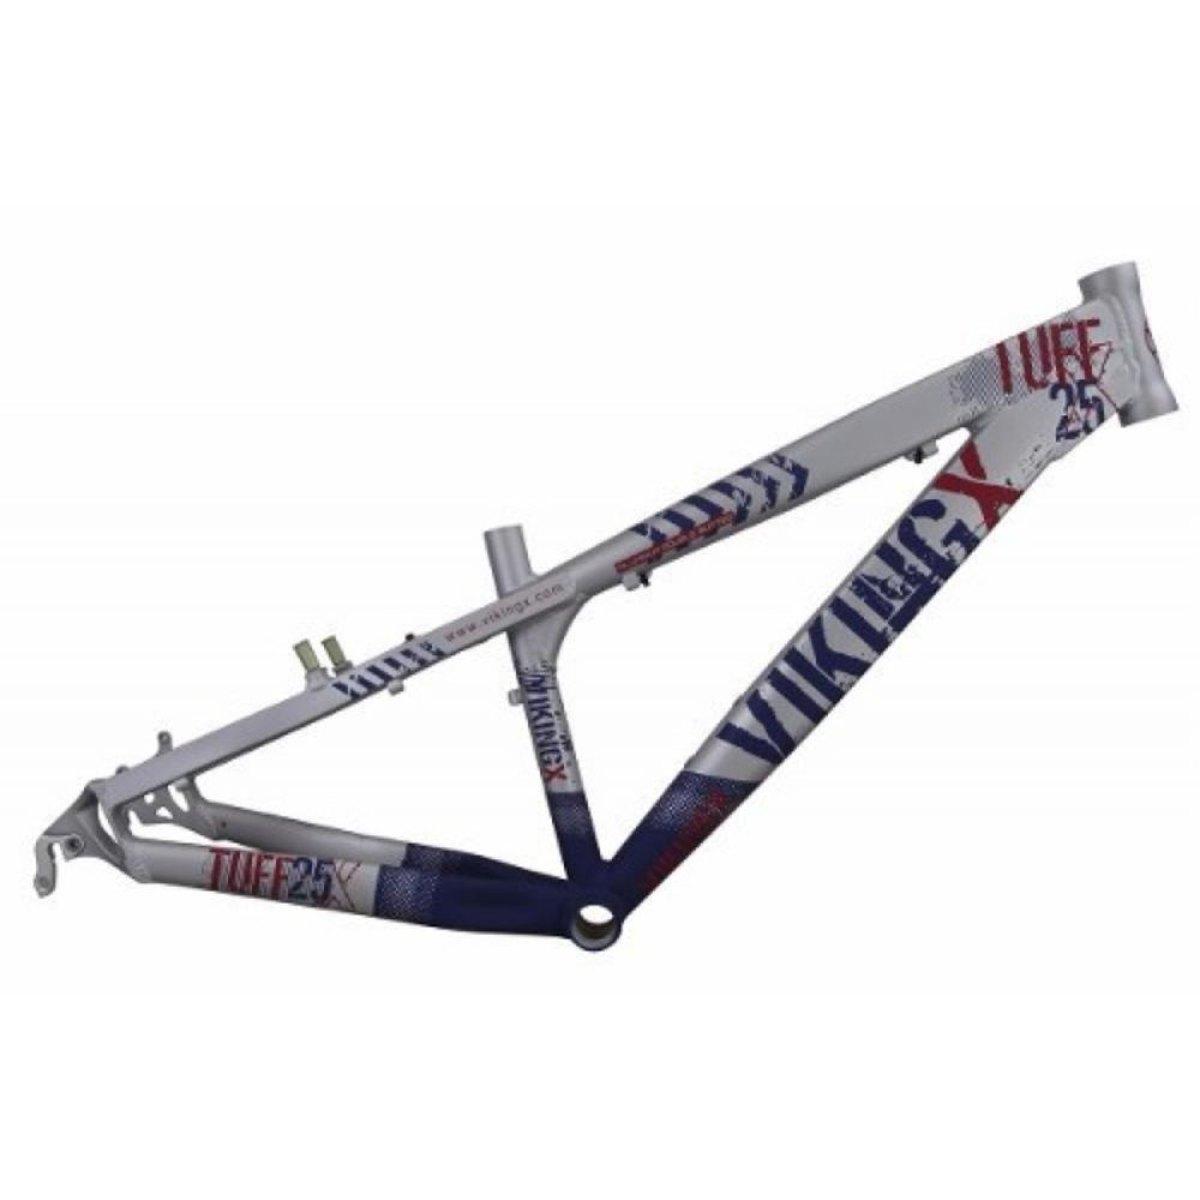 Quadro Vikingx Dirt Jump Tuff X-25 Alumínio - Prata com Azul  - Calil Sport Bike